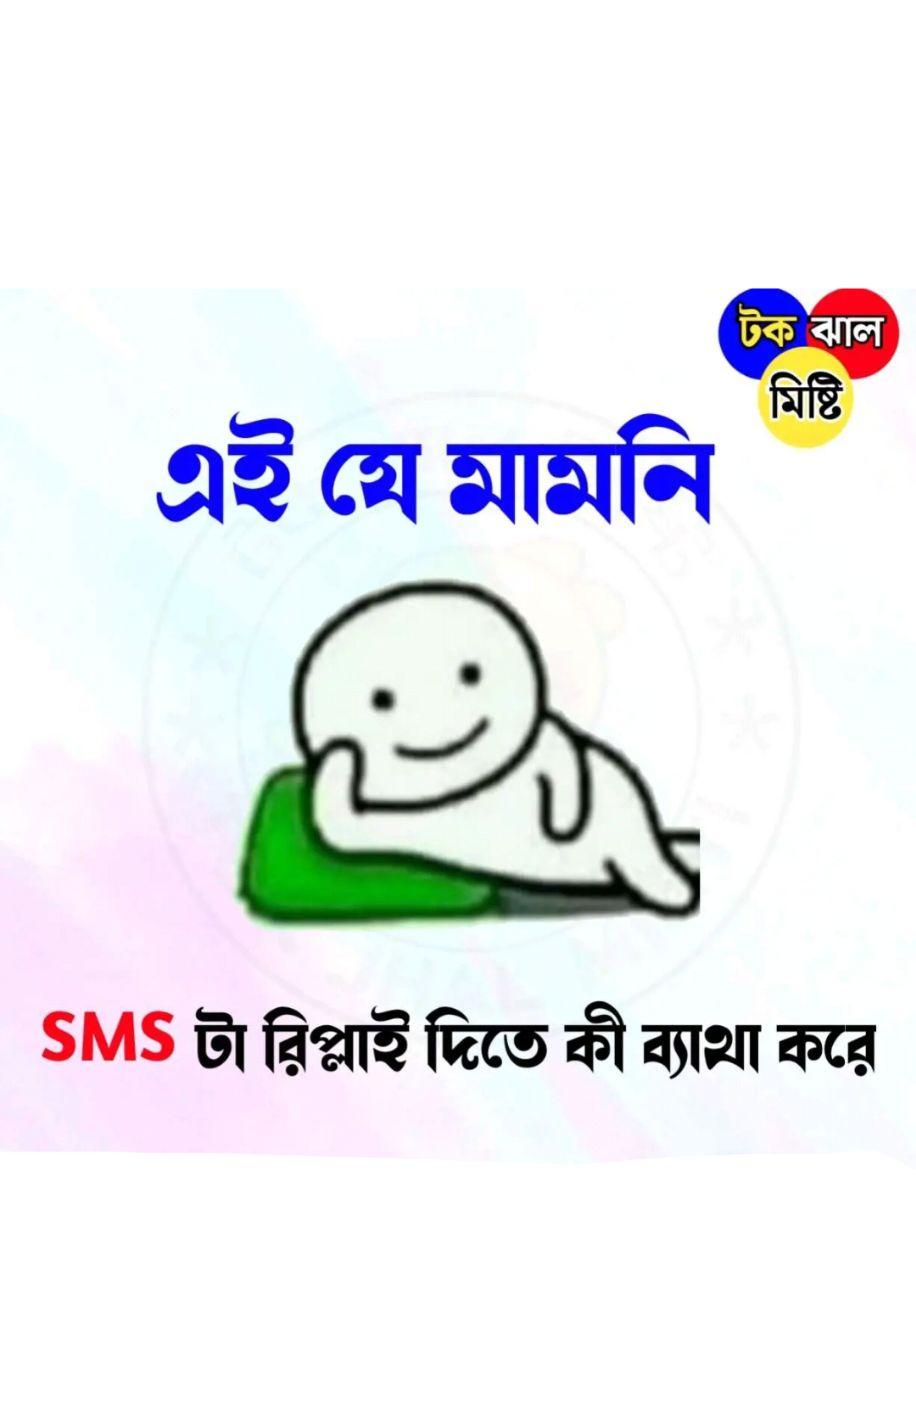 😨ভূতুড়ে - টক ঝাল মিষ্টি এই যে মামনি SMS টা রিপ্লাই দিতে কী ব্যাথা করে - ShareChat